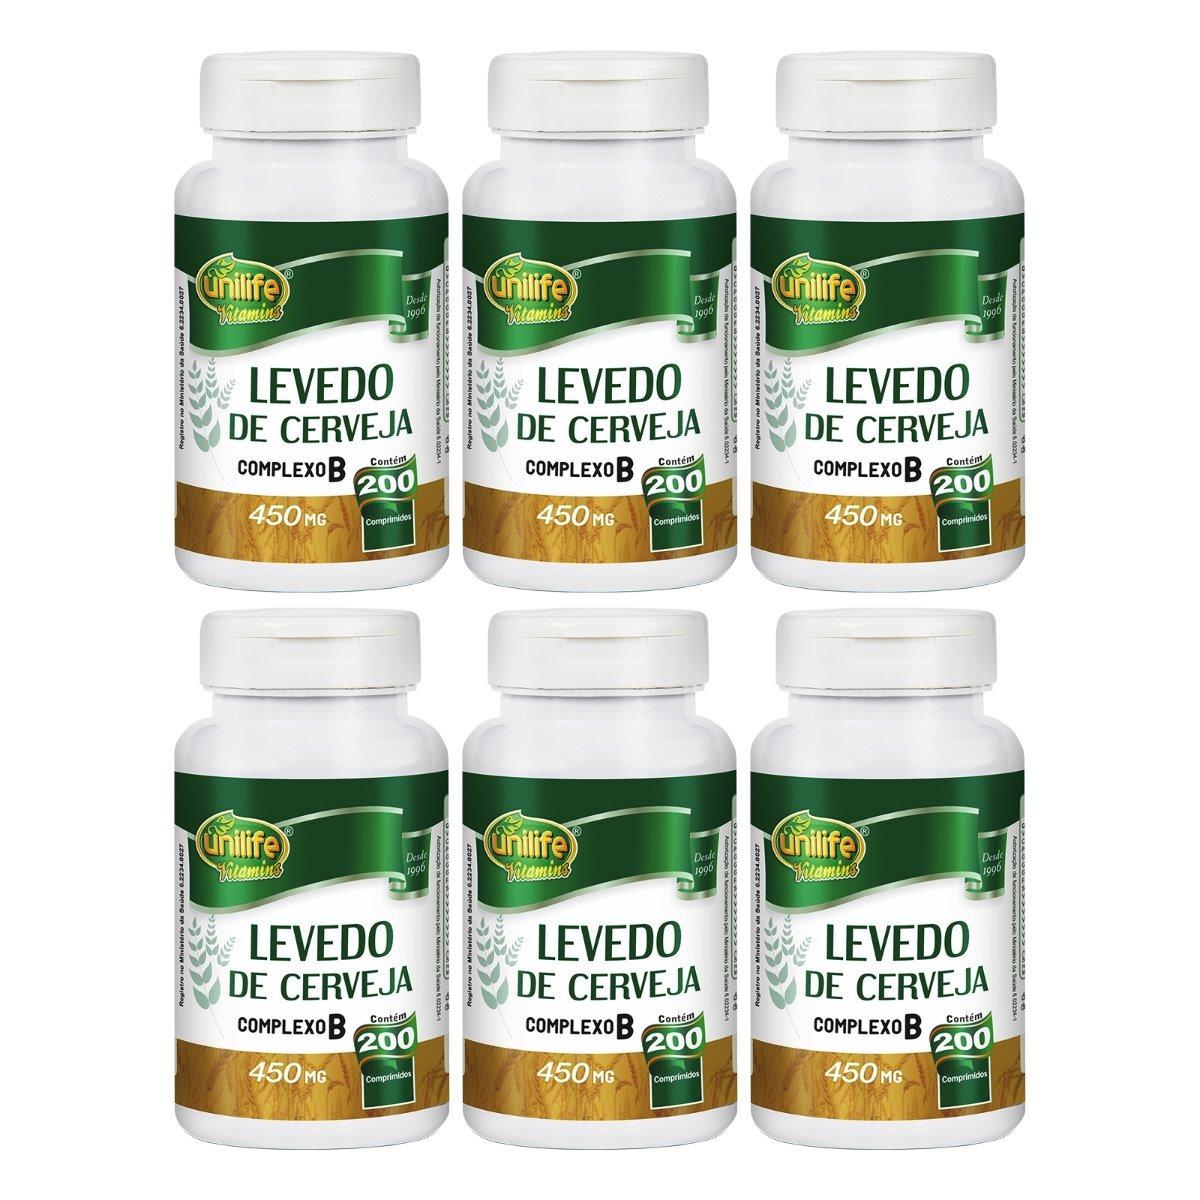 Levedo De Cerveja 200 Comprimidos 450mg Unilife Kit 6 Unidades